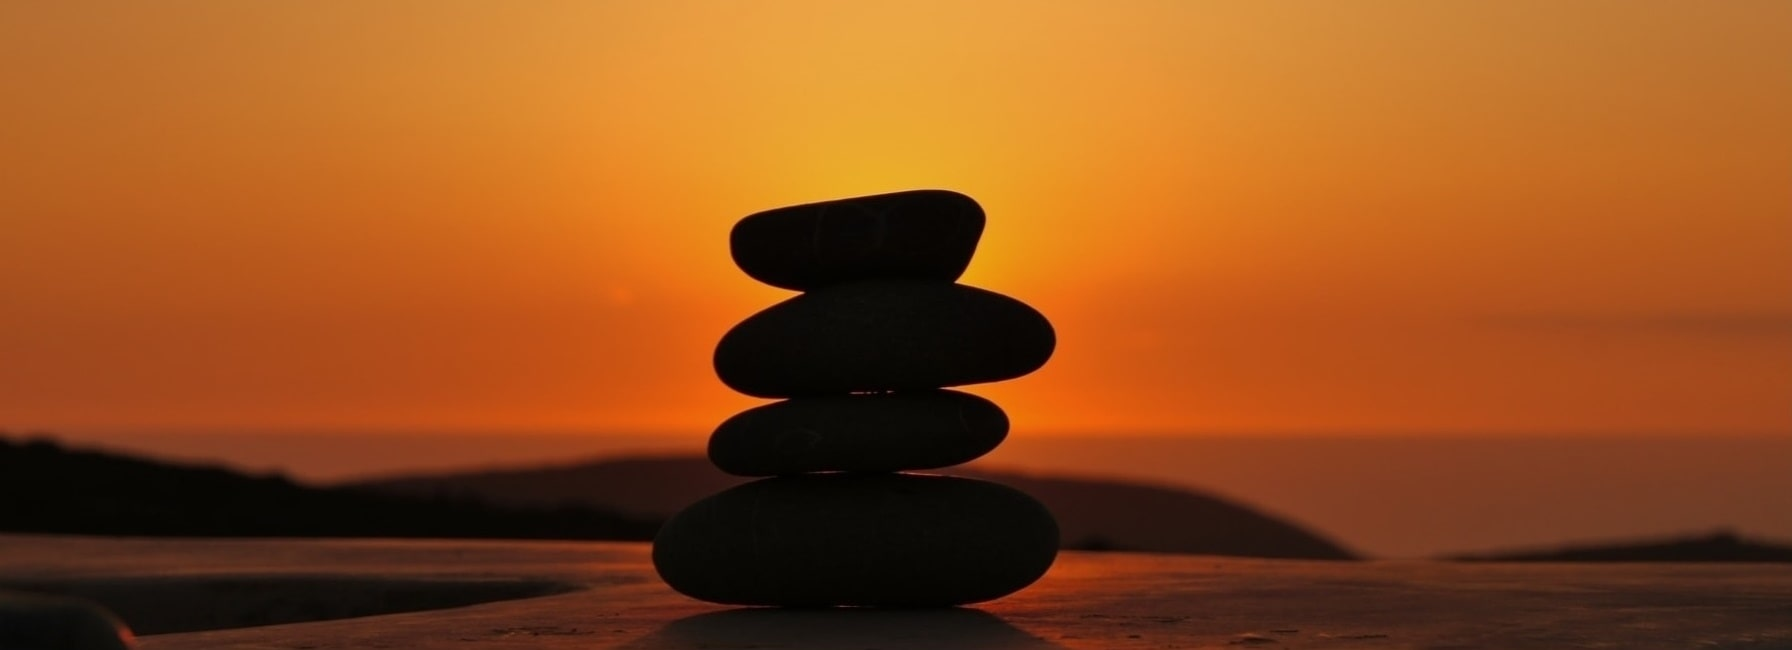 Home - Xenonas Fos ke Choros - stone sunset